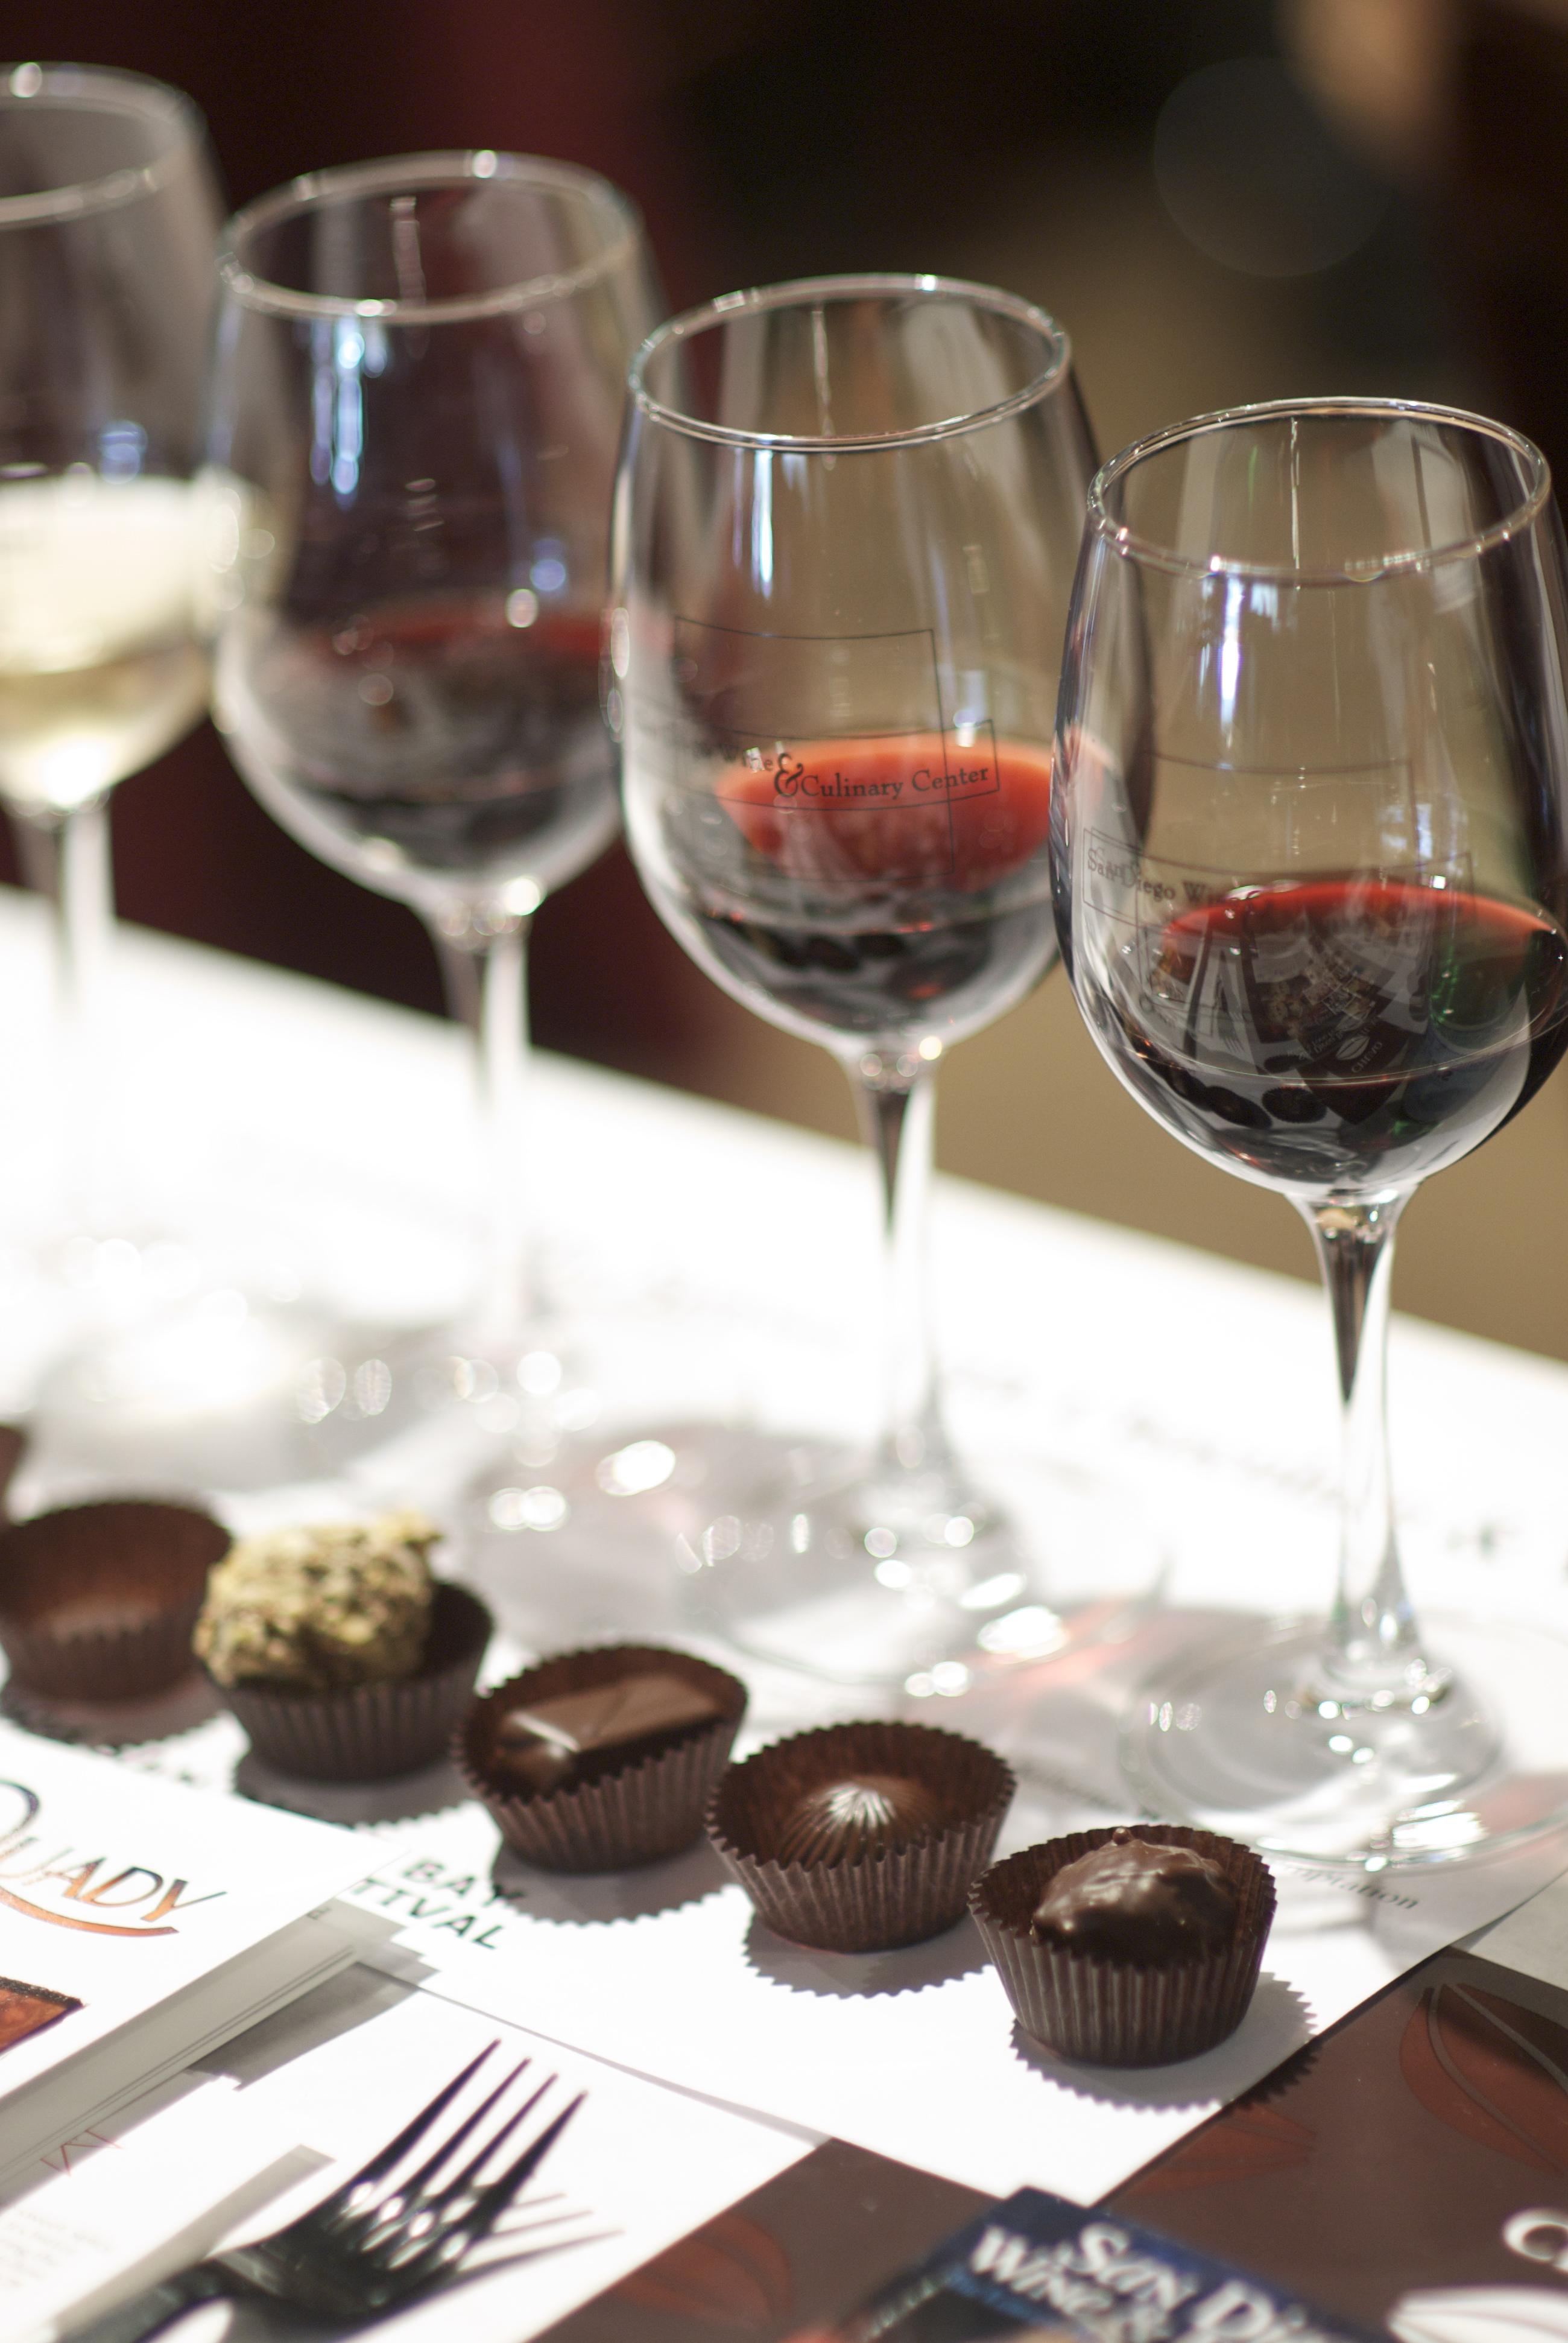 Wine Pairing with Chocolate